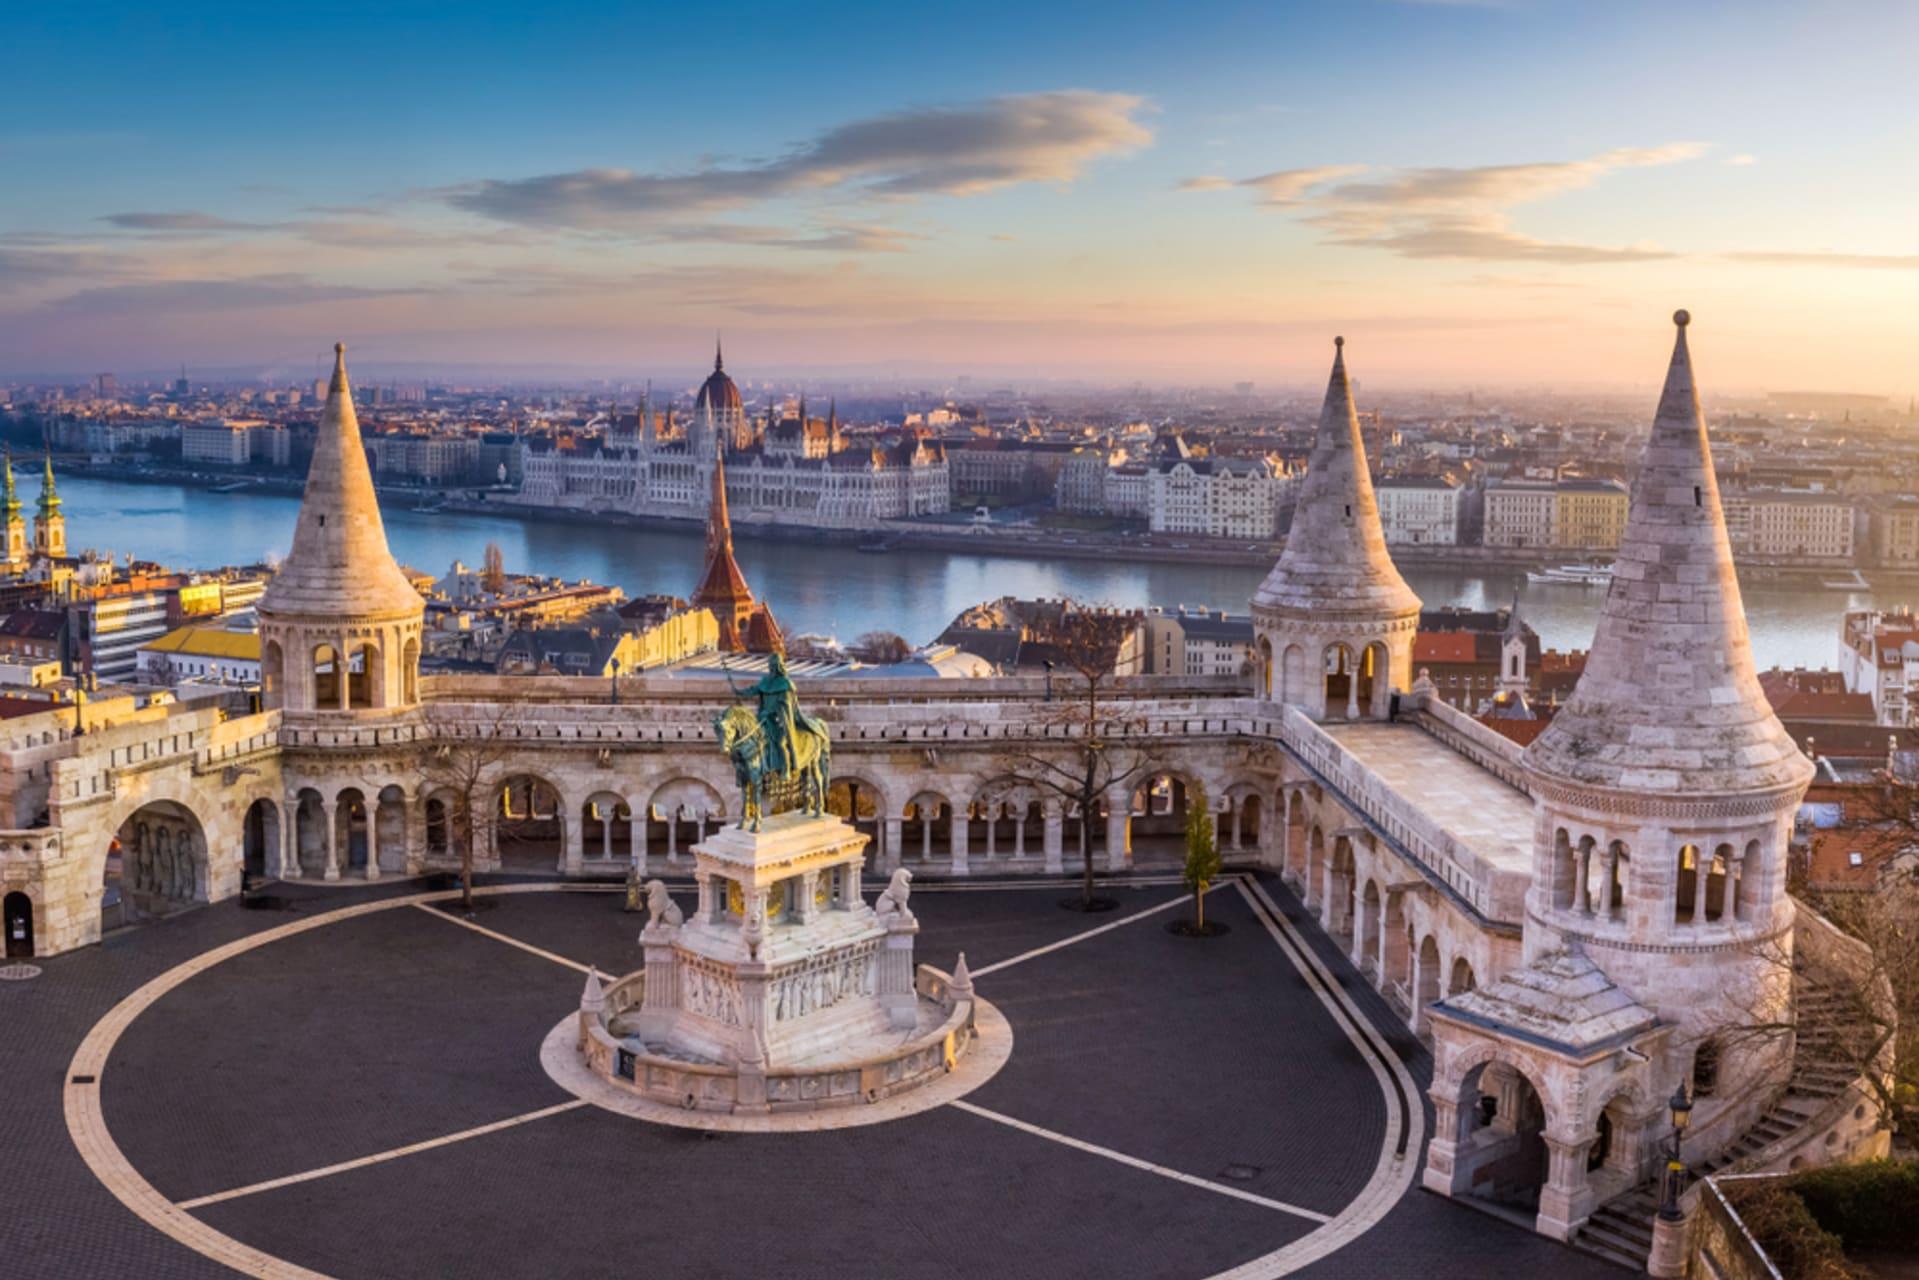 Budapest - Budapest Highlights: The Buda Castle quarter